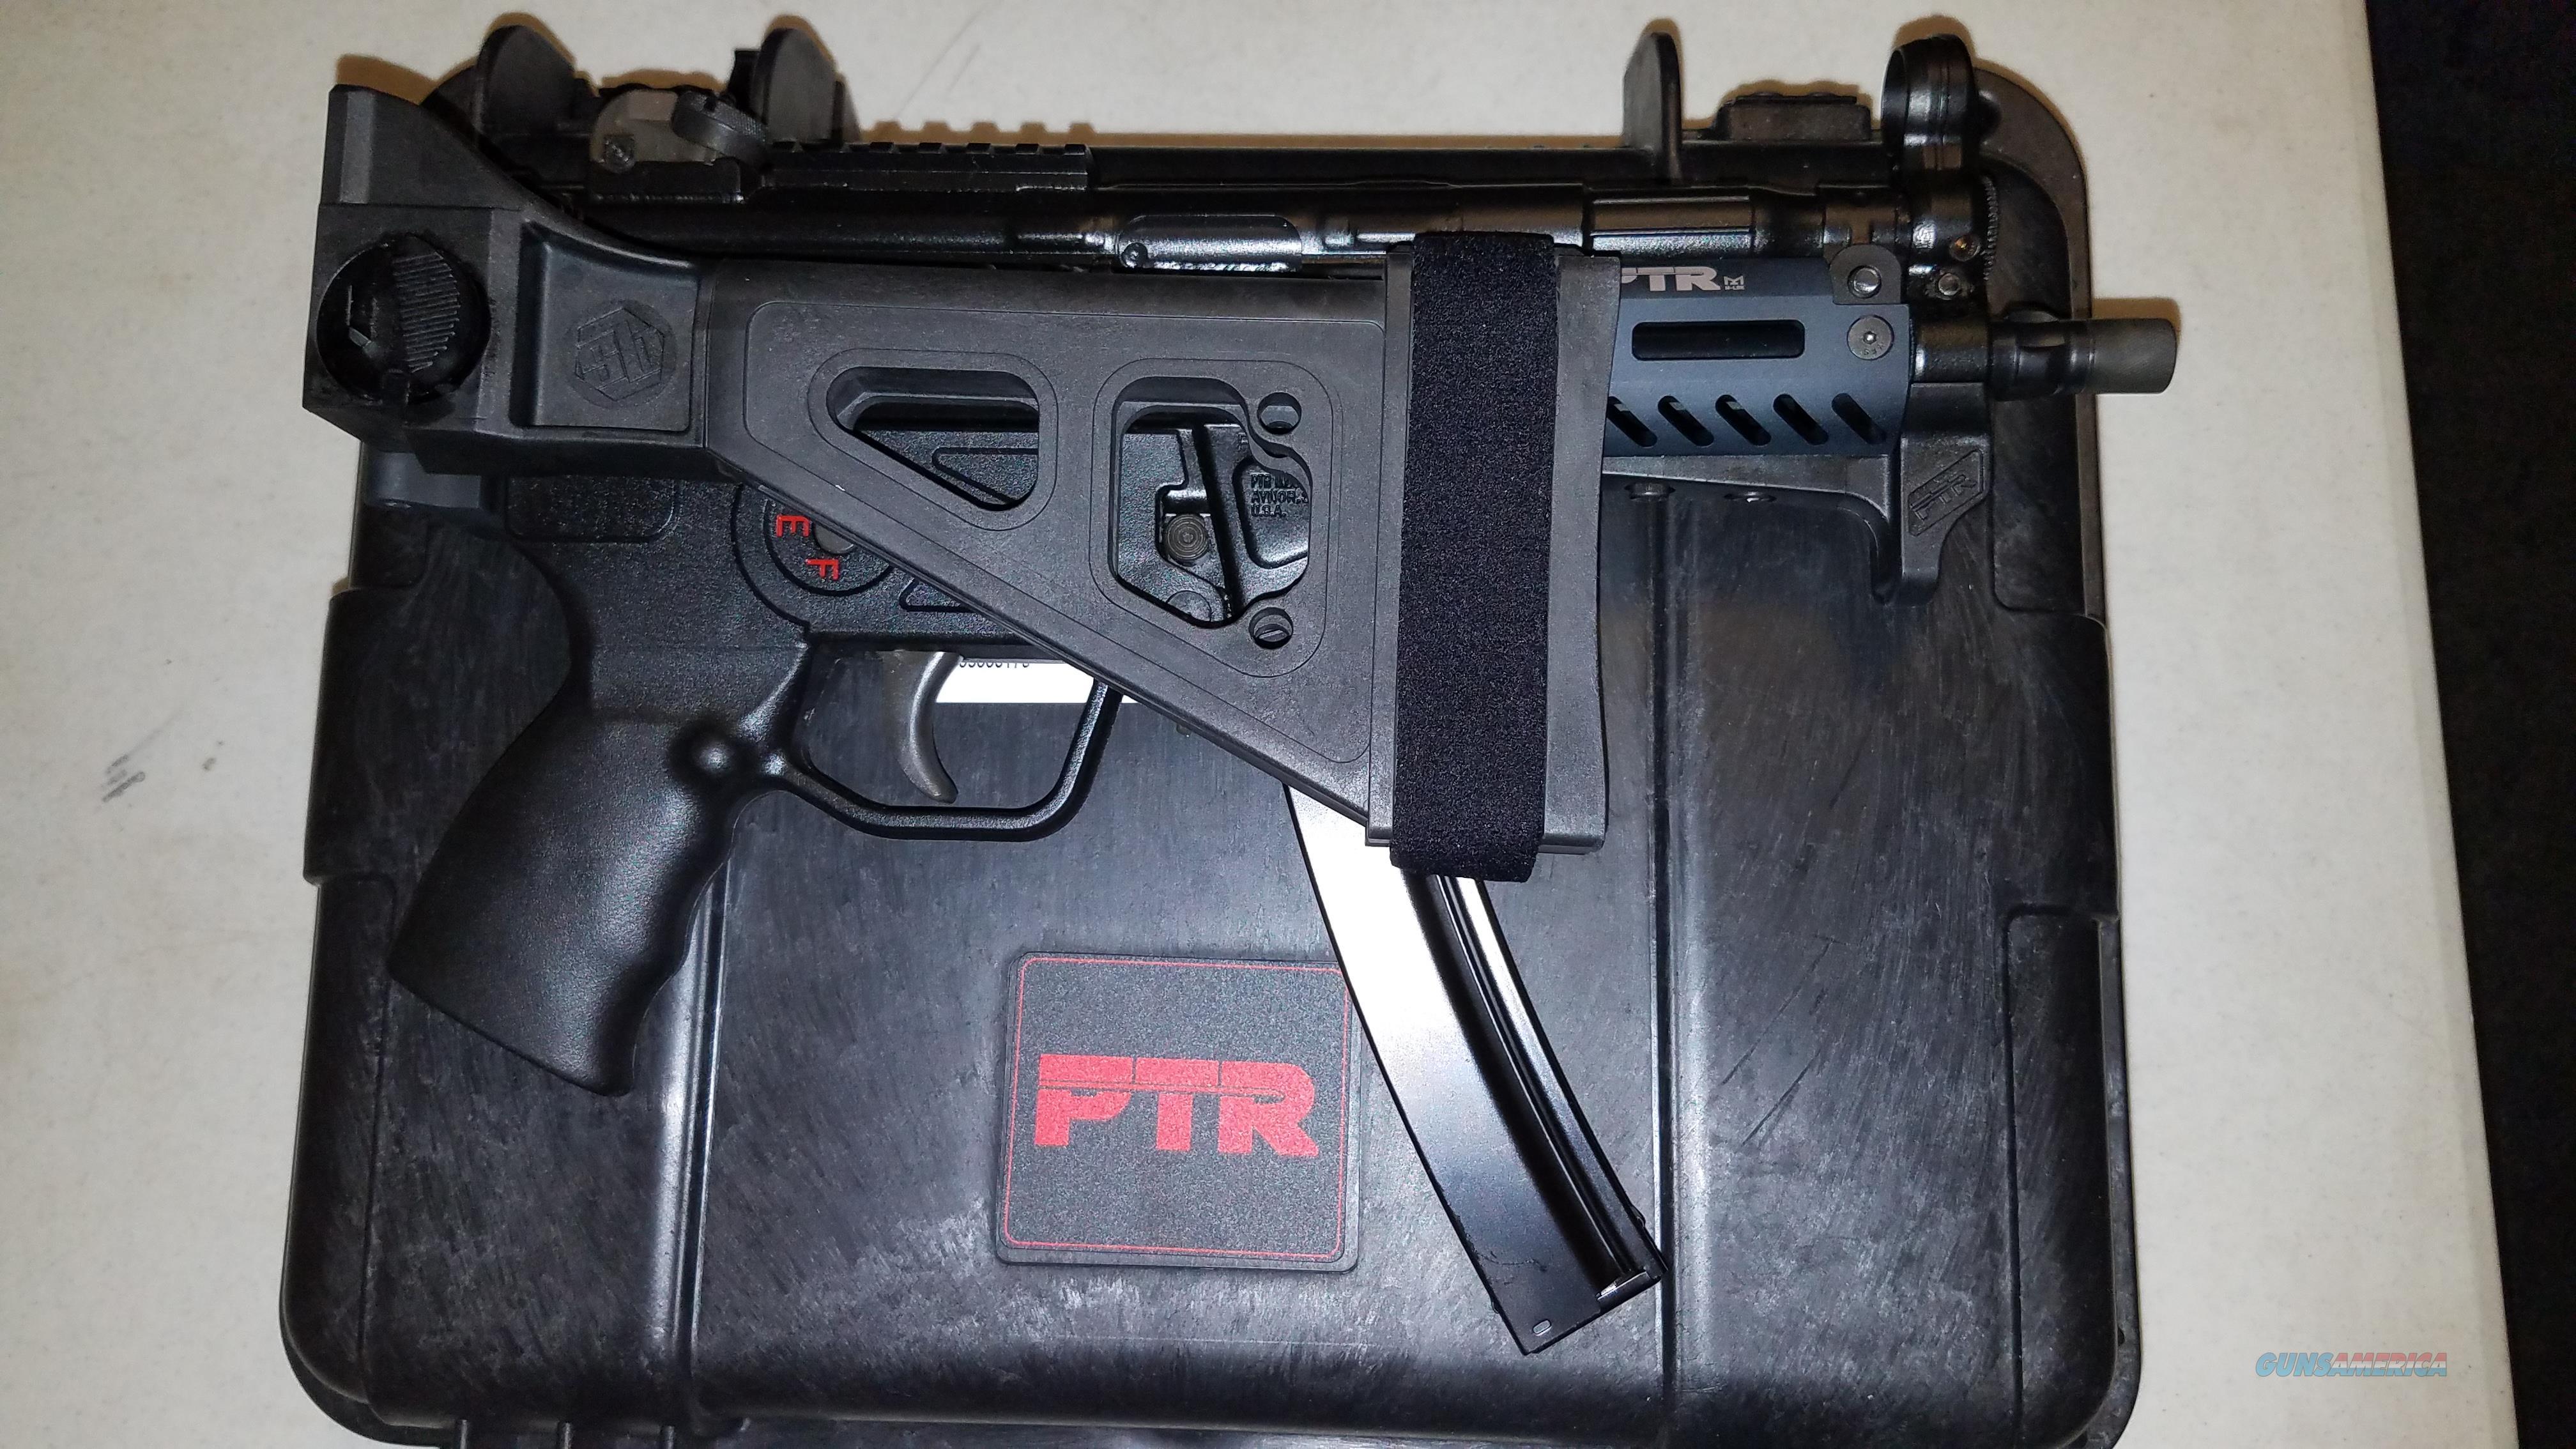 """PTR 9KT PISTOL 9MM 5.83"""" MLOK W/S&B Folding Brace  Guns > Pistols > PTR Pistols"""